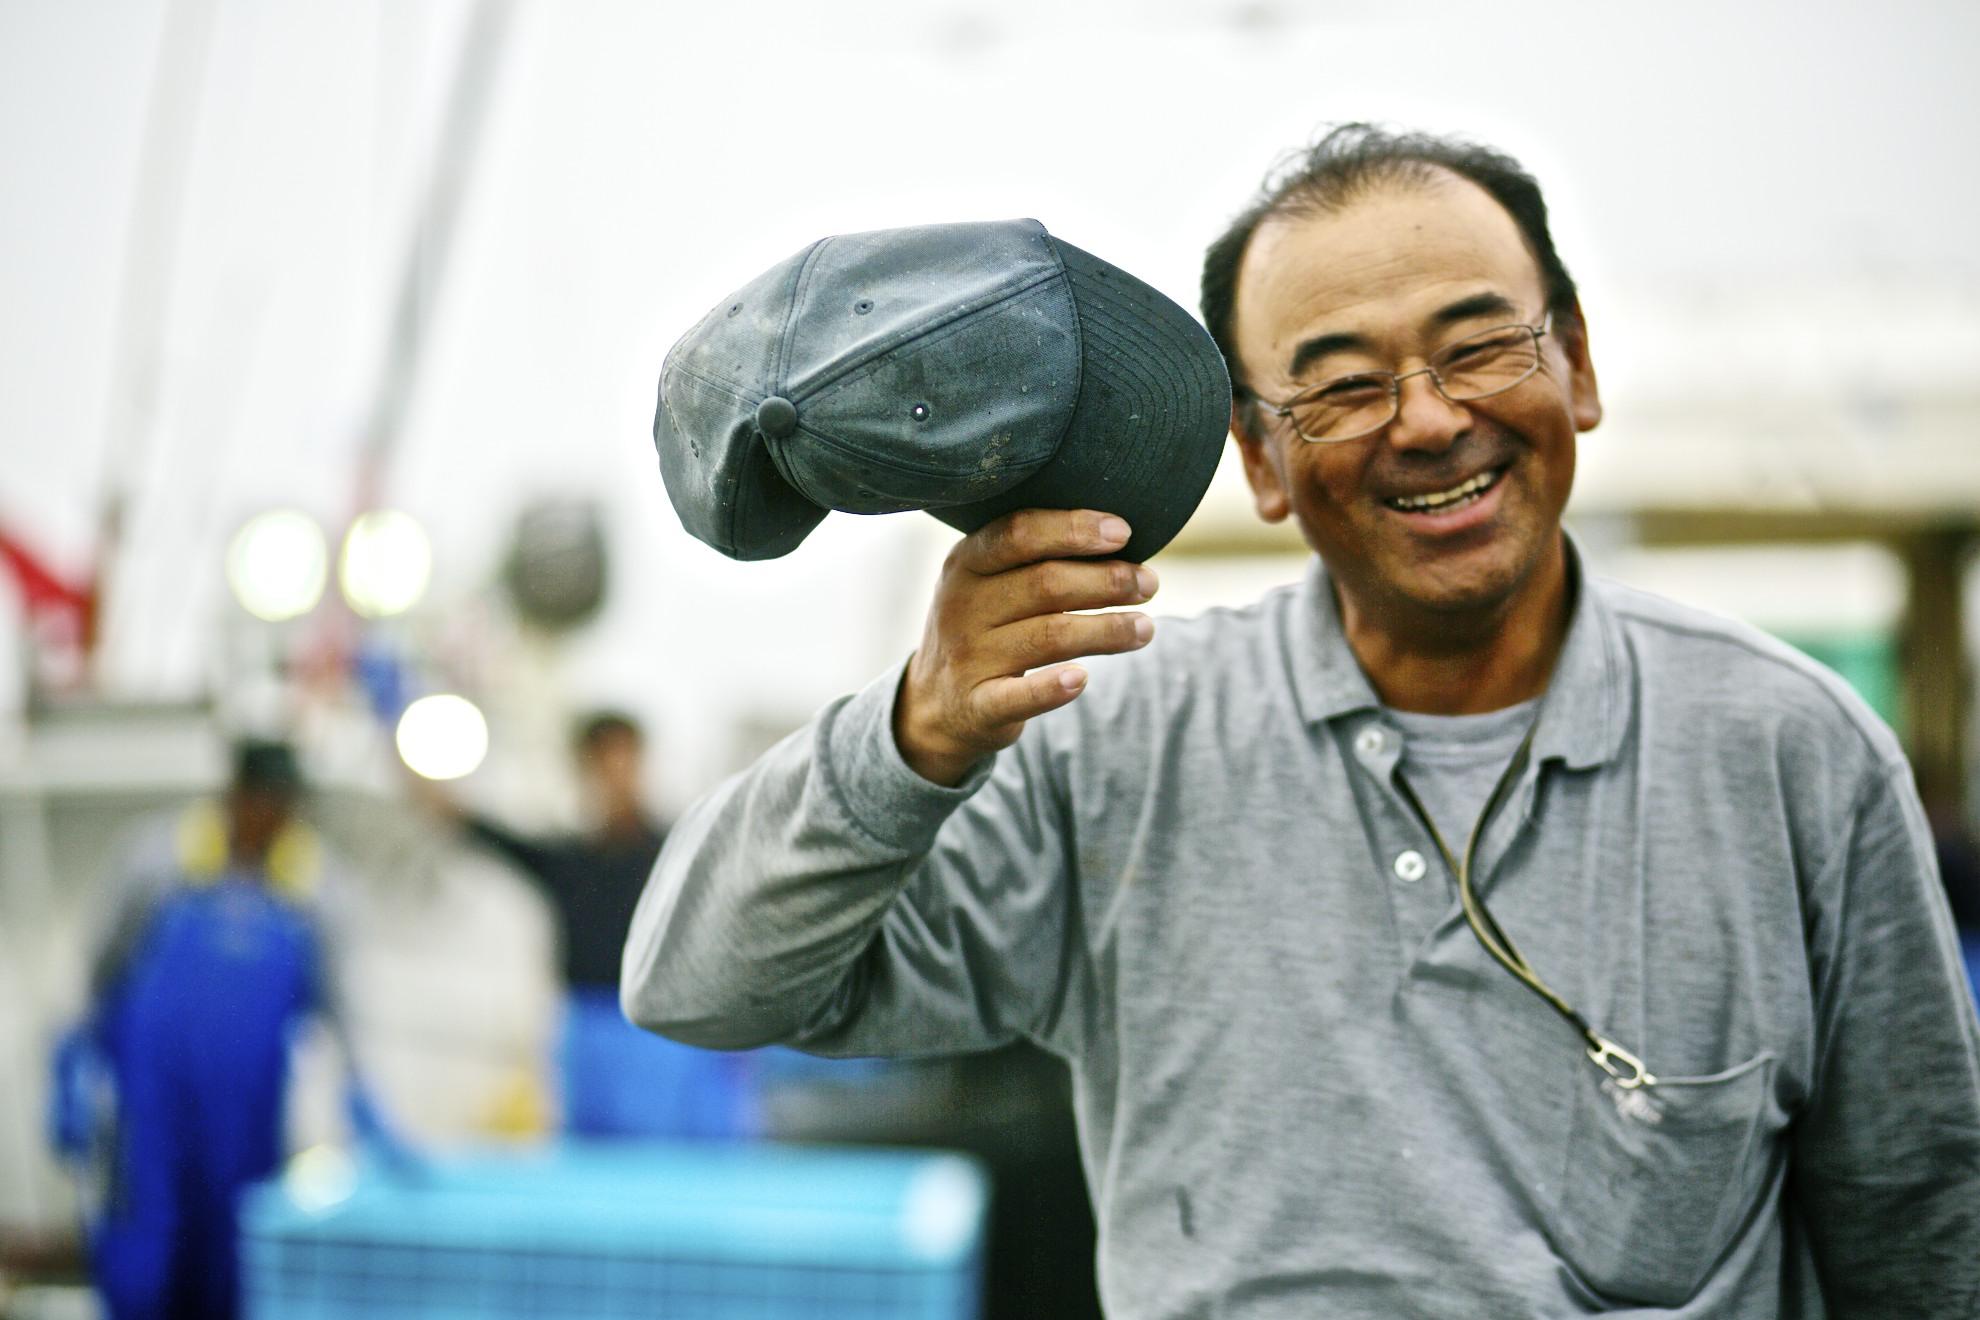 とにかく動く!めげない牡蛎漁師と共に挑むのは現在進行形の「常識破り」